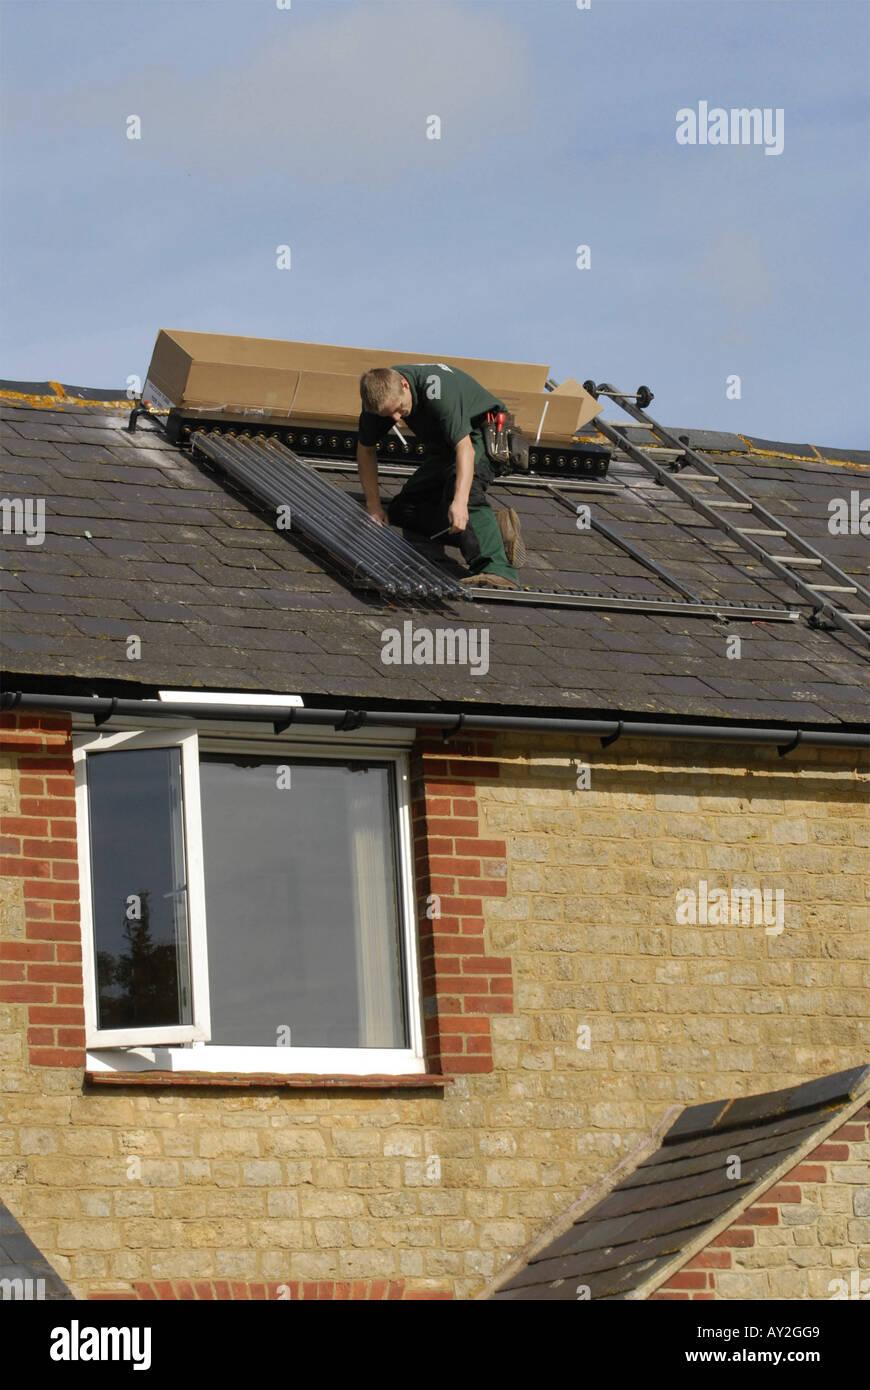 Wasser Heizung Solar Wasserheizung Solaranlage Auf Dem Dach Eines Hauses In  Südengland Installiert Wird Stockbild